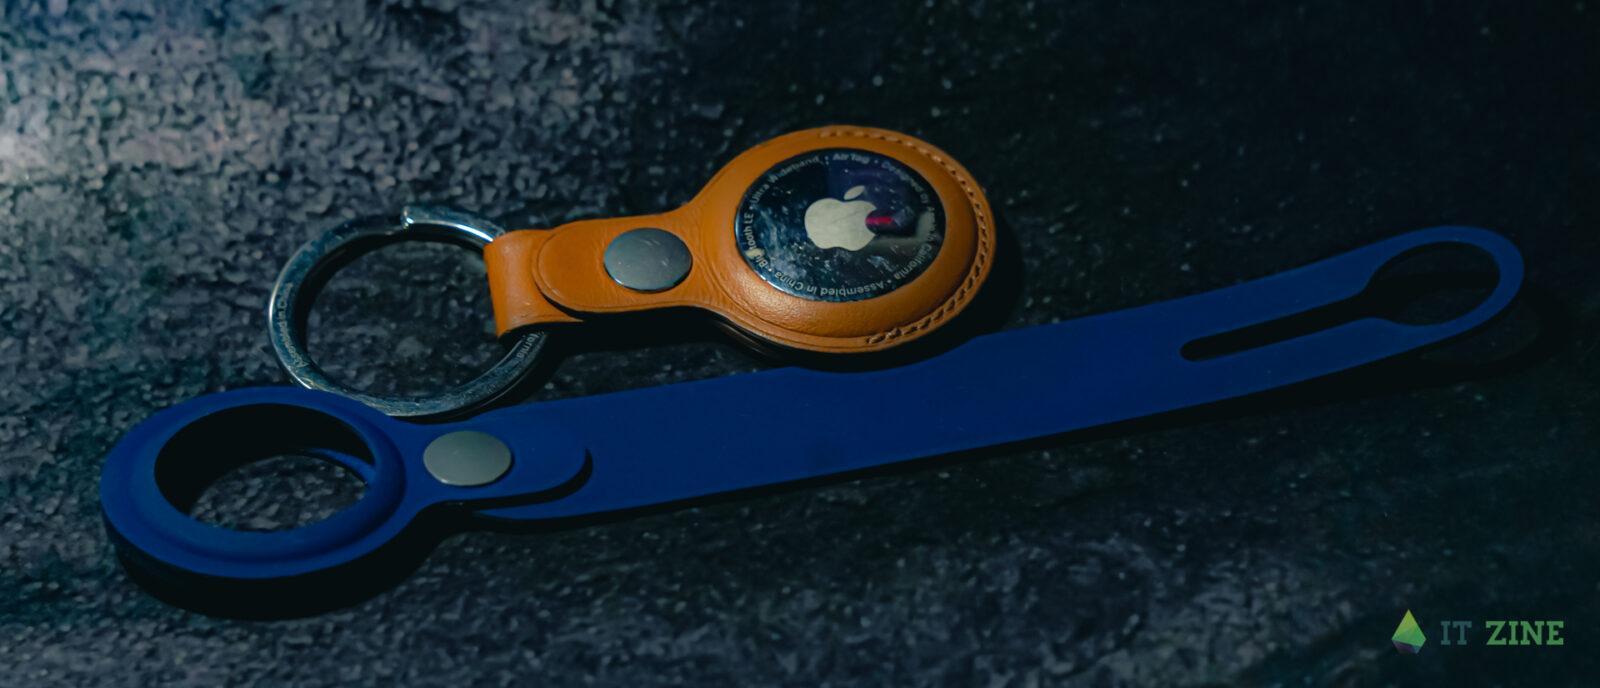 Кожаный и полиуретановый чехлы для Apple AirTag